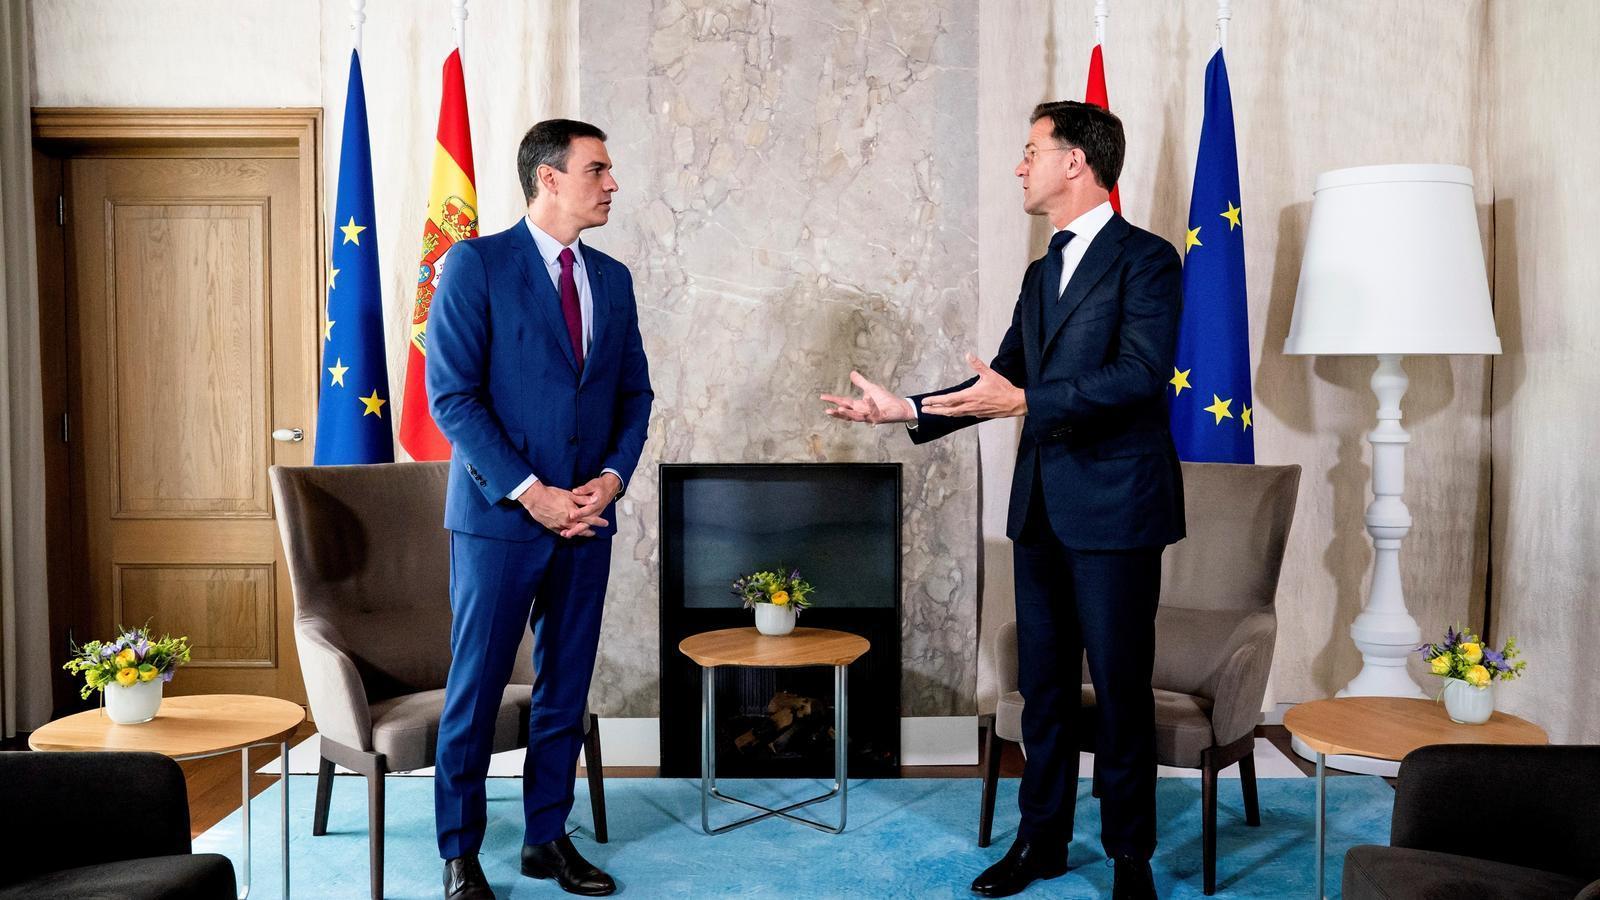 El president espanyol, Pedro Sánchez, amb el primer ministre holandès, Mark Rutte.